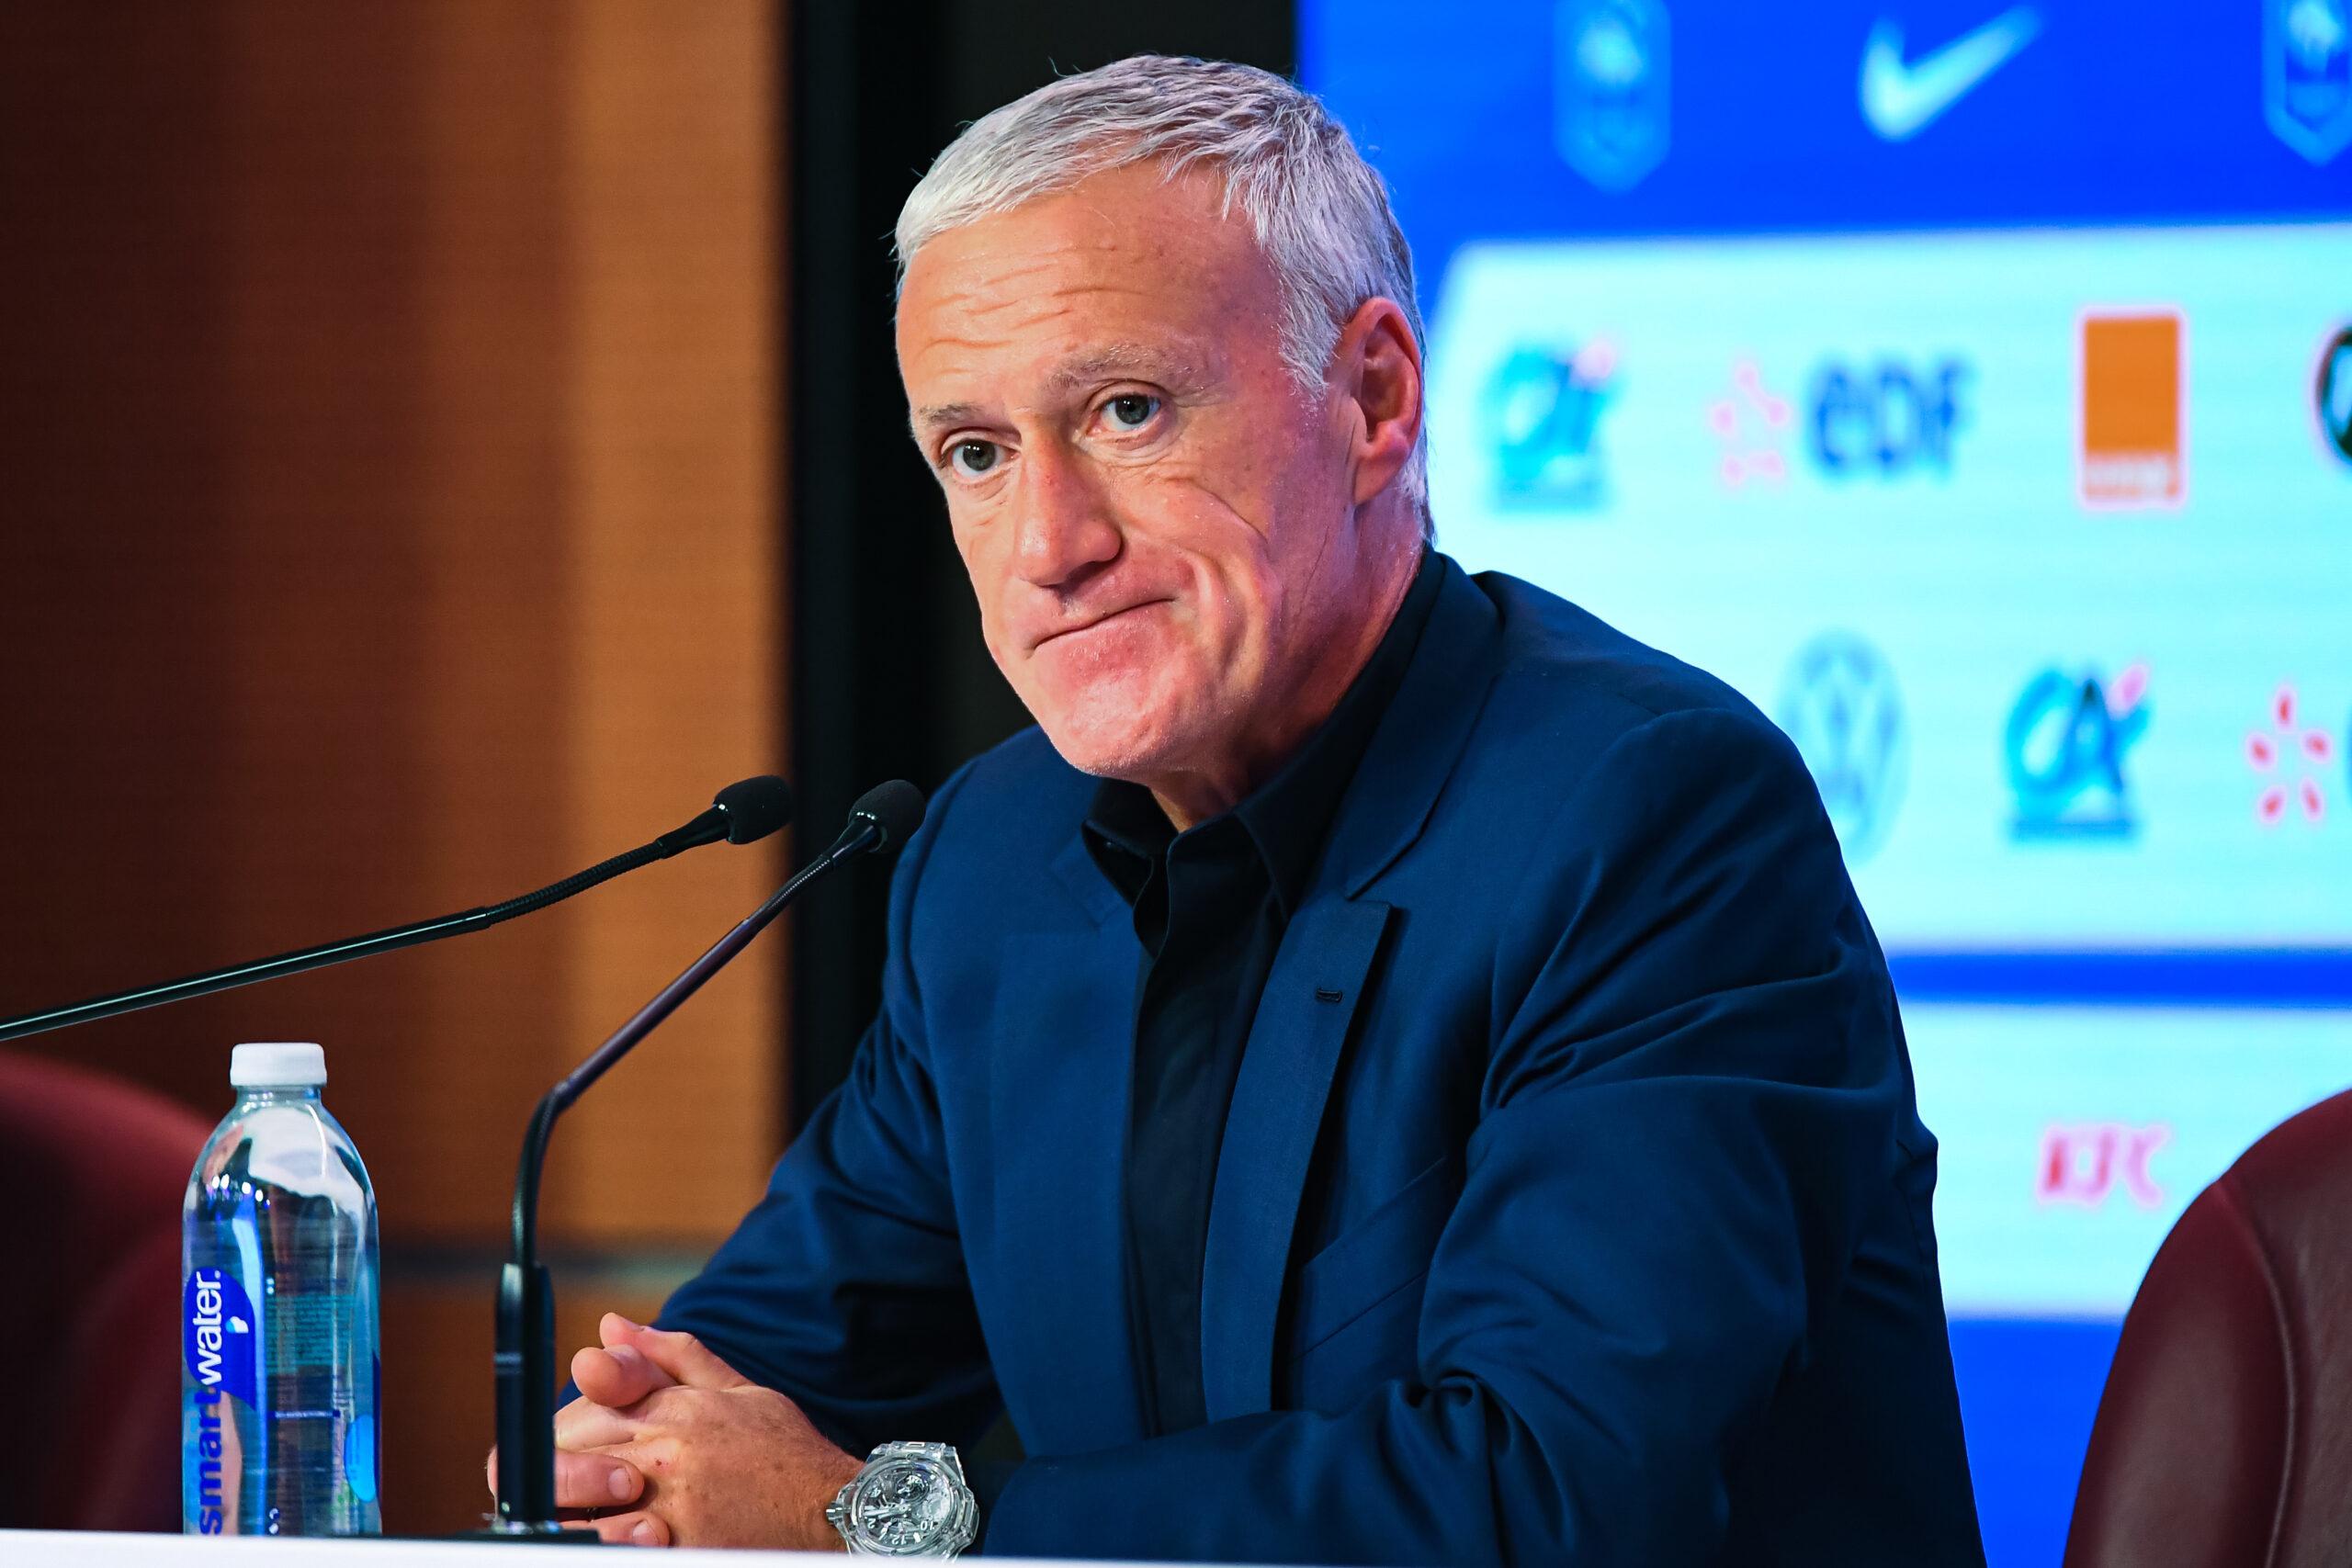 Malgré le plus grand échec de sa carrière, Didier Deschamps ne quittera pas son poste de sélectionneur. Le technicien va poursuivre au moins jusqu'à la Coupe du monde 2022 au Qatar (iconsport)